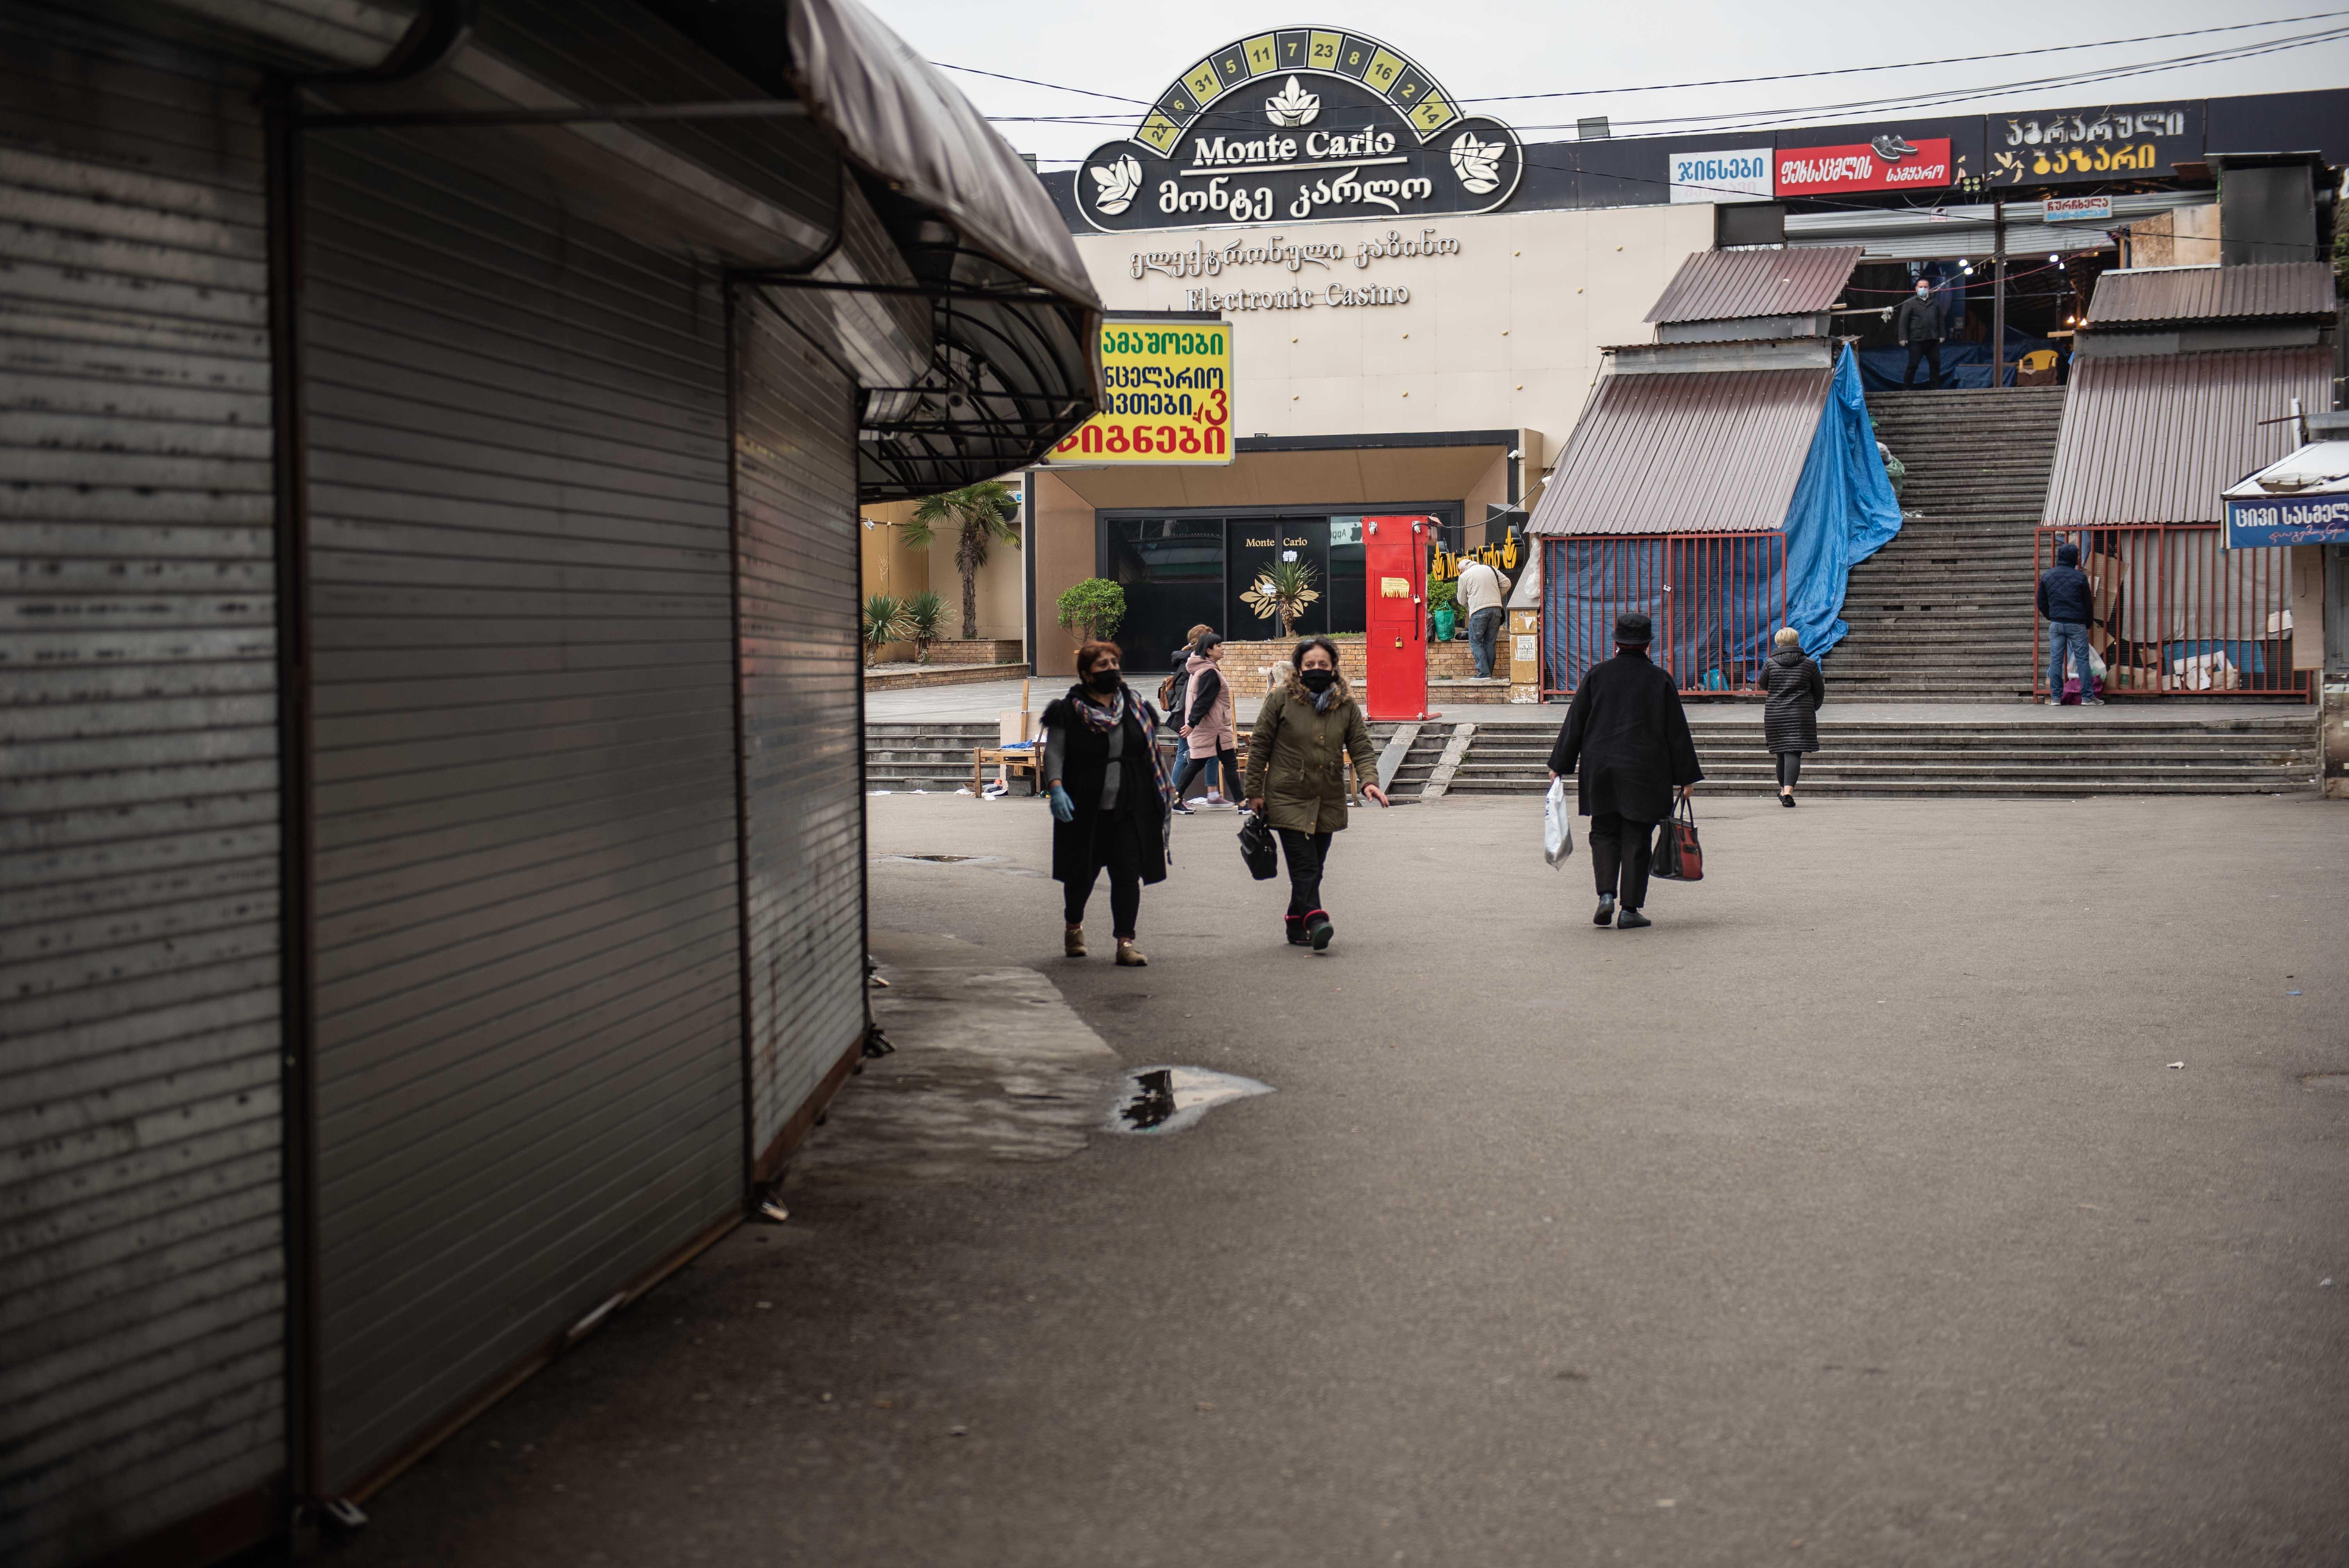 Торговый район возле Вокзальной площади. Мариам Никурадзе/OC Media.